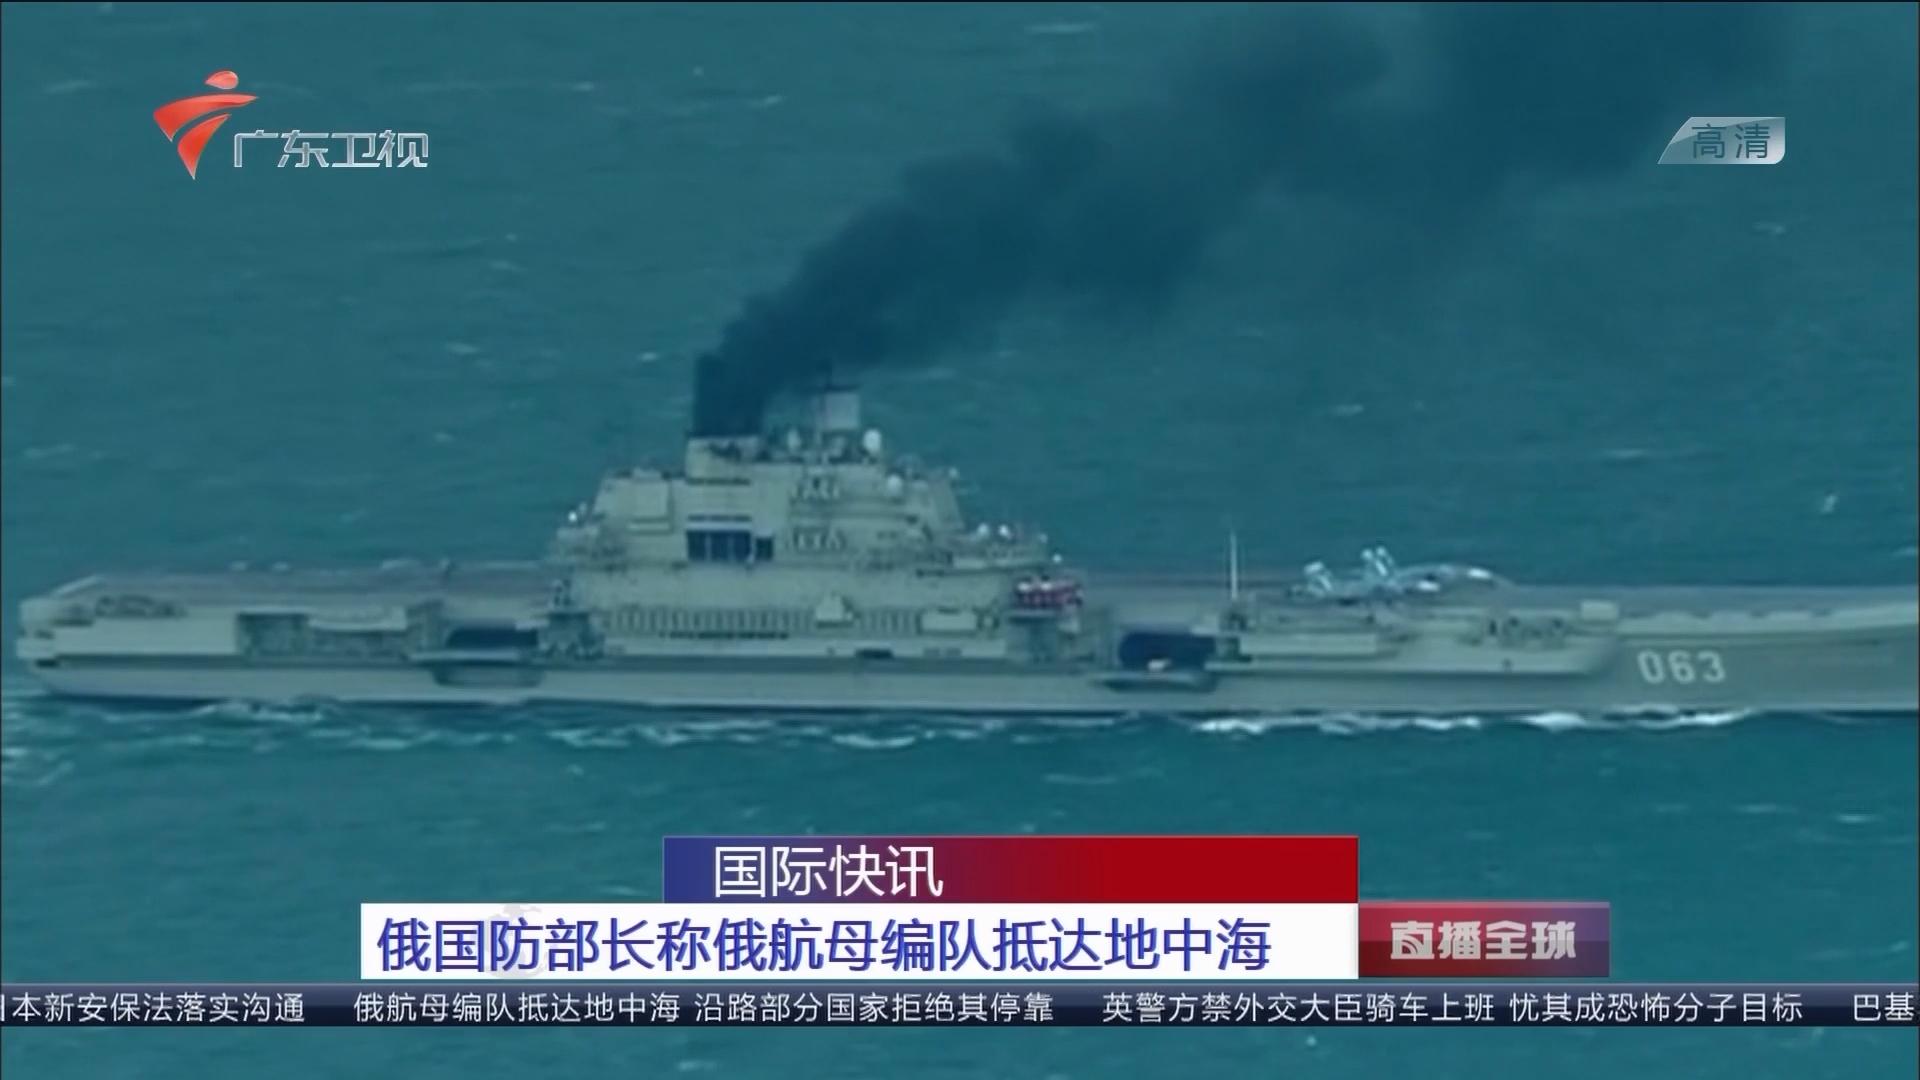 国际快讯:俄国防部长称俄航母编队抵达地中海